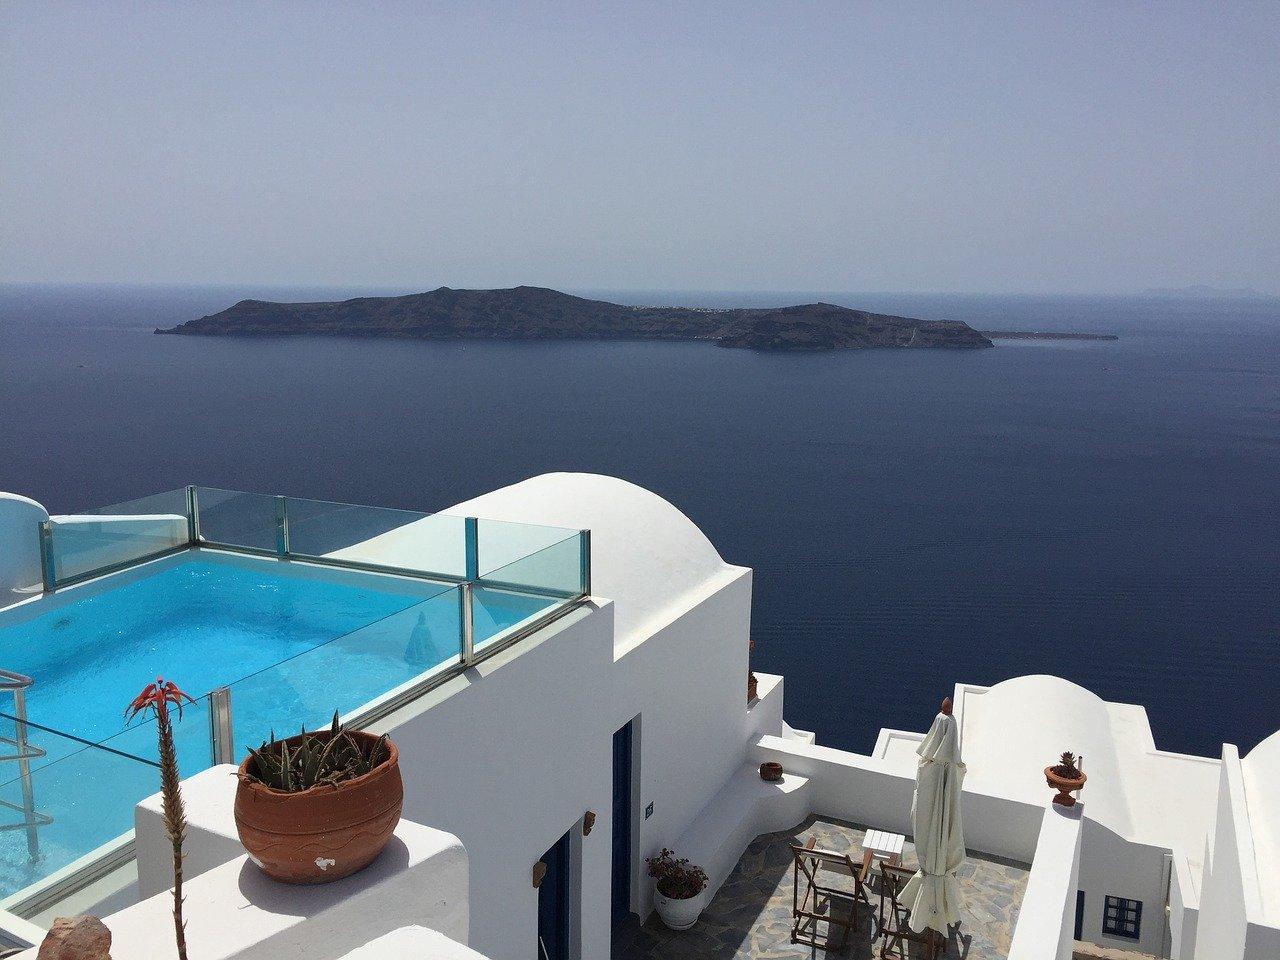 Υγειονομικά πρωτόκολλα για ξενοδοχεία και αεροπορικές πτήσεις από το εξωτερικό προς την Ελλάδα